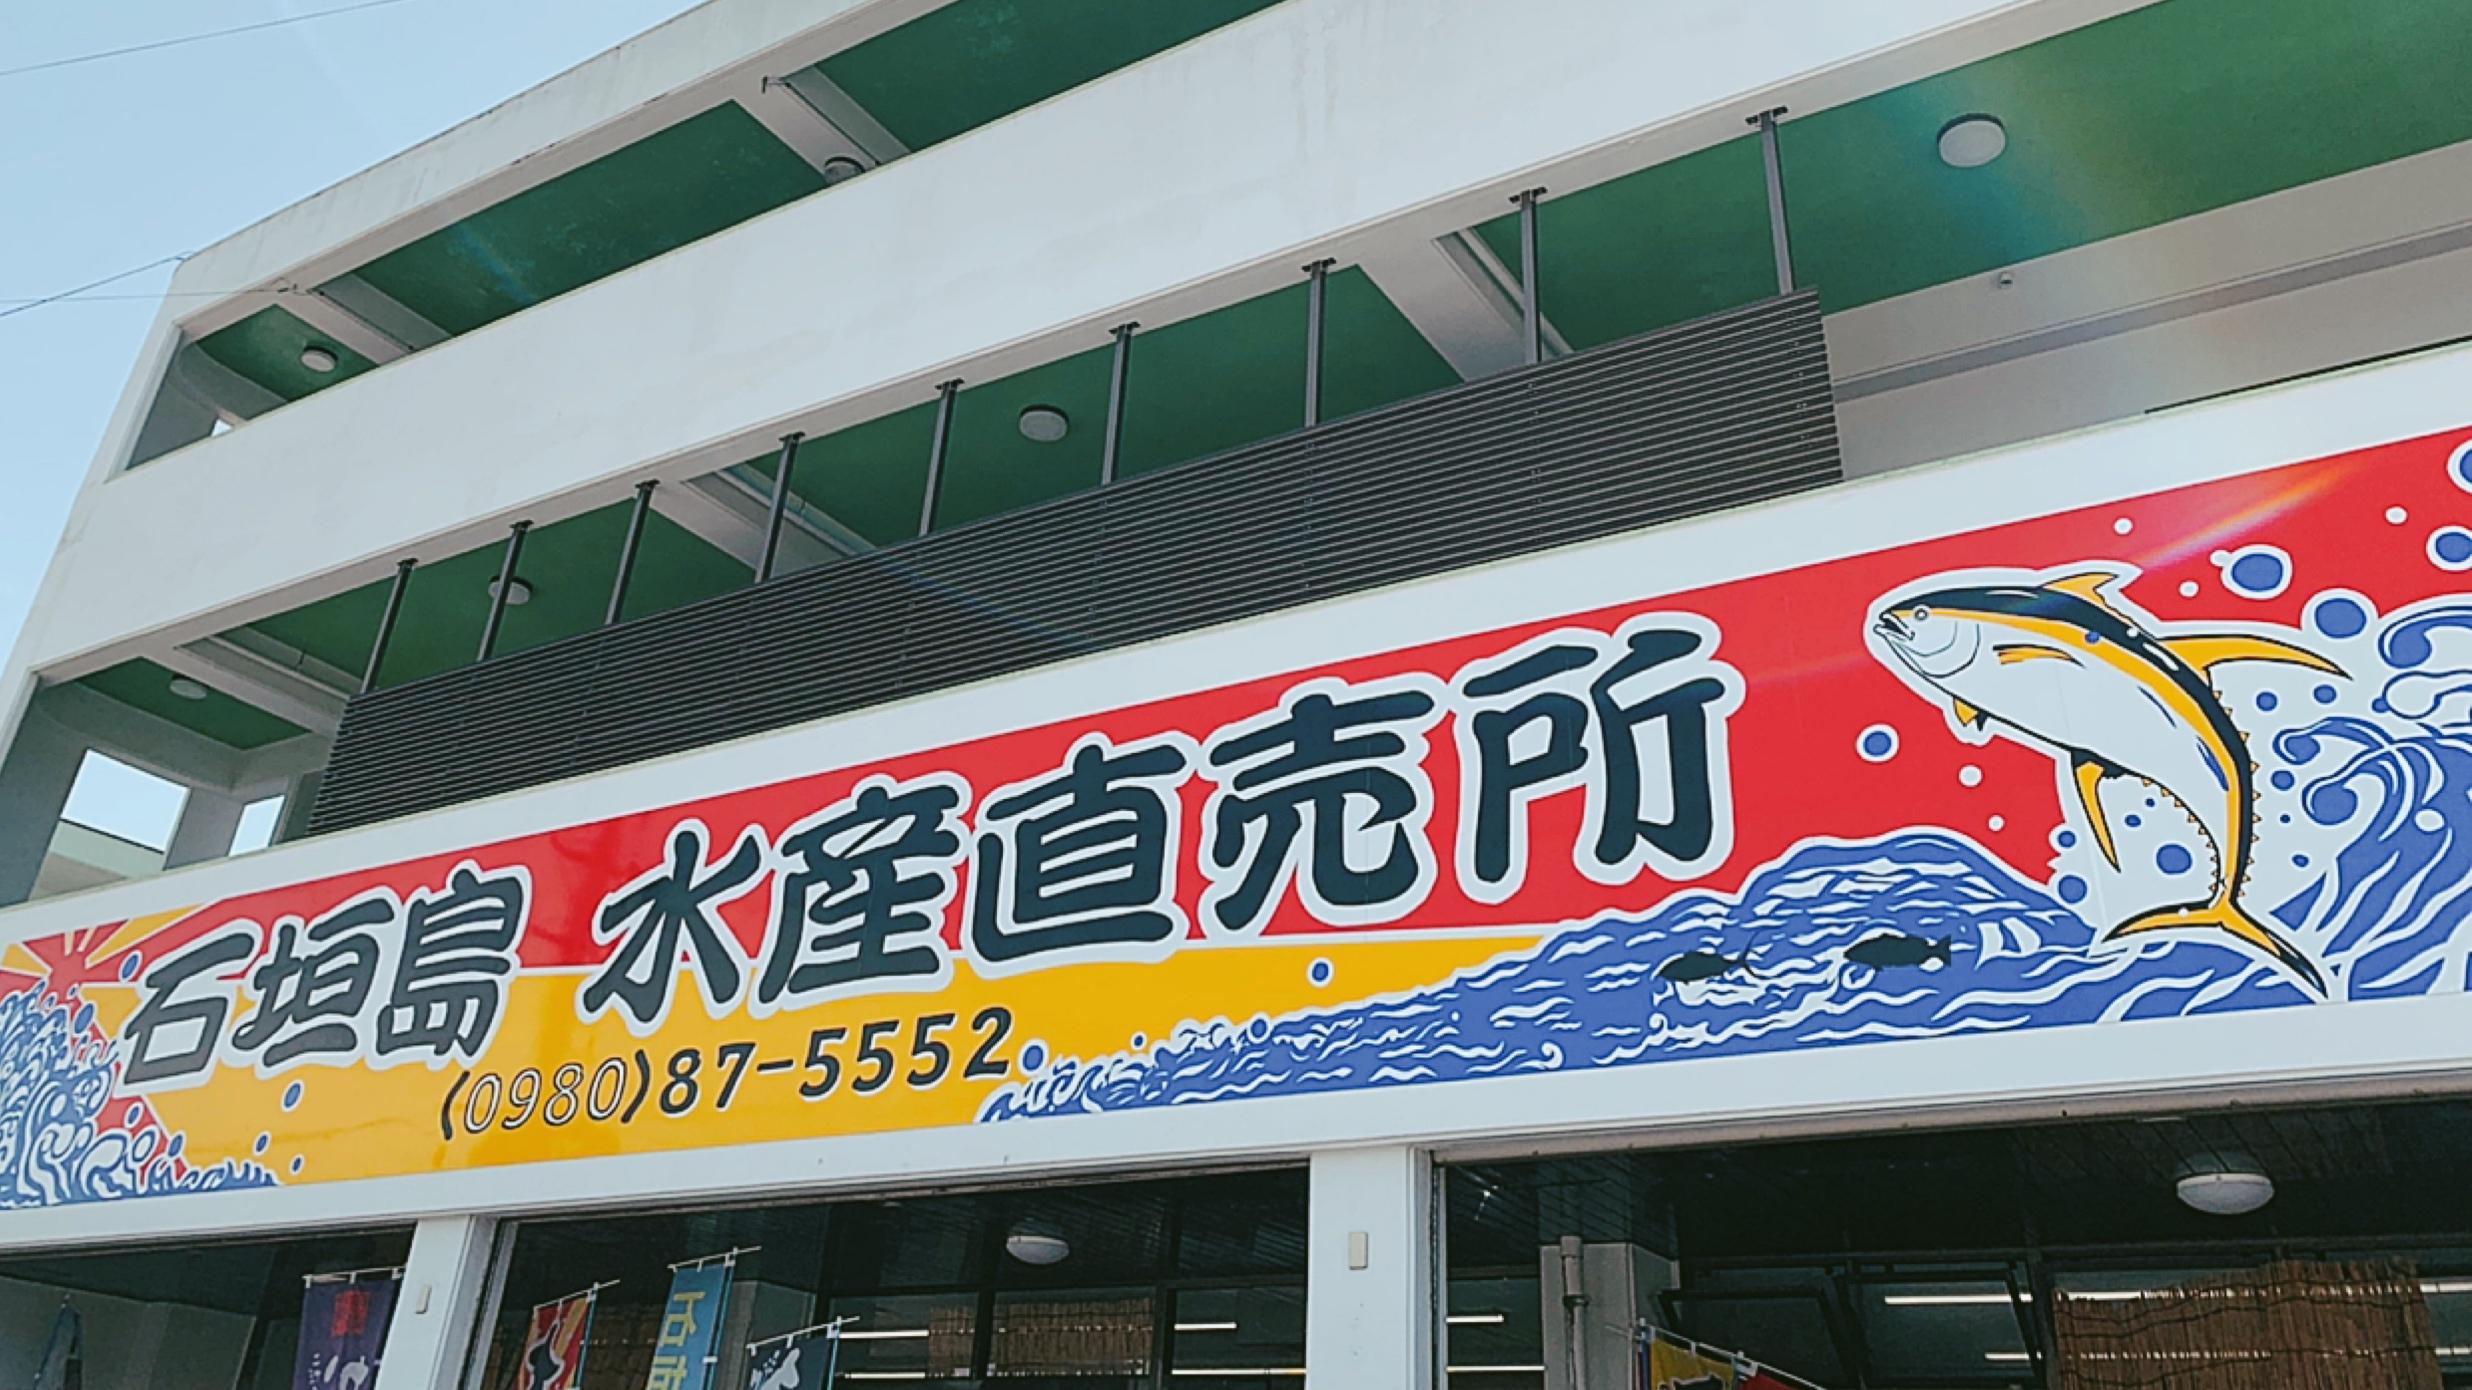 石垣島のお刺身屋さん✨✨